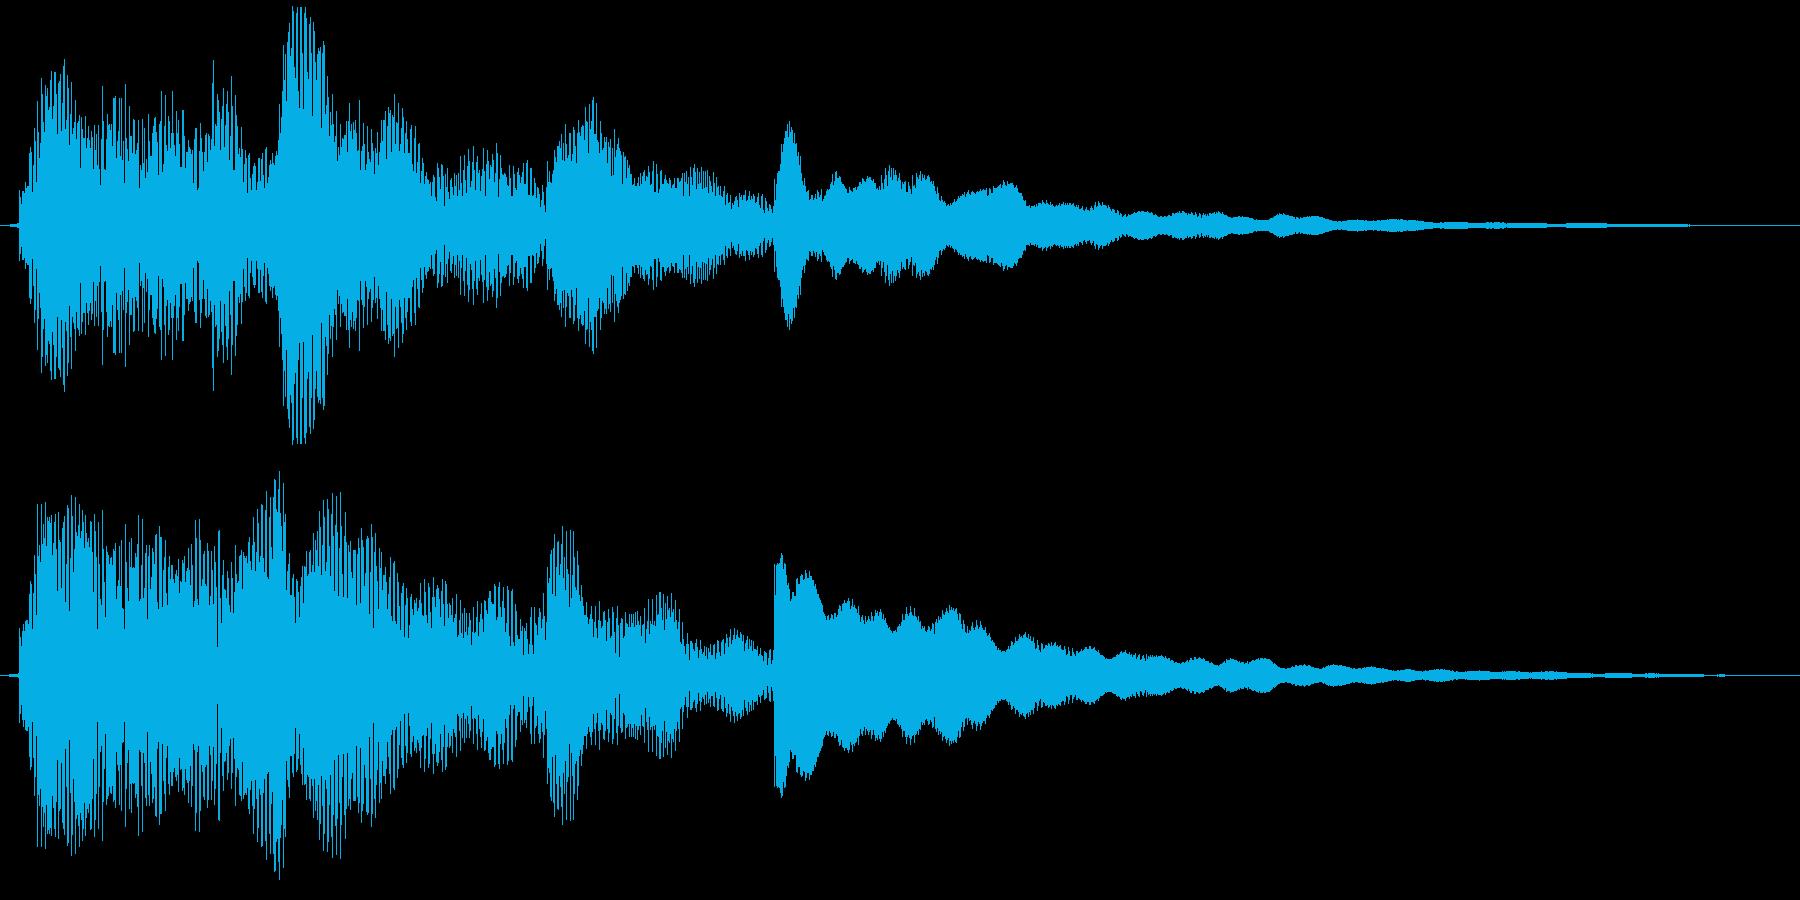 エレピによる幻想的ジングルの再生済みの波形